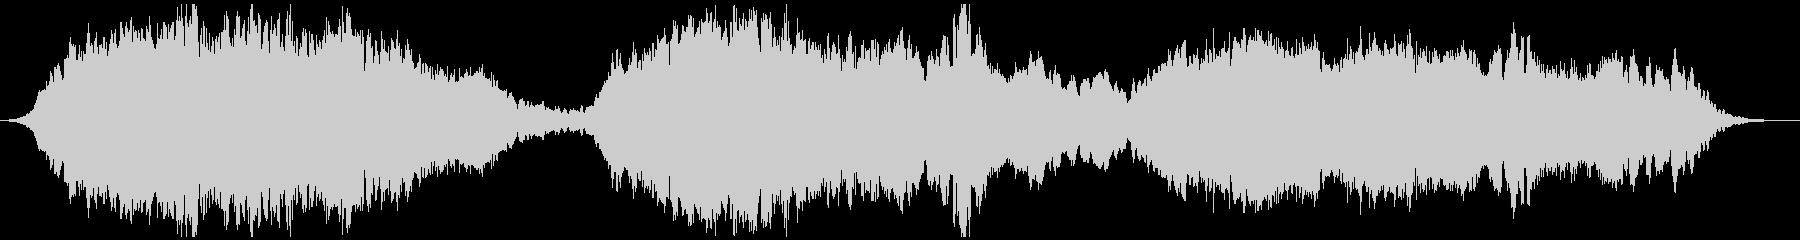 PADS ゴーストシップ01の未再生の波形